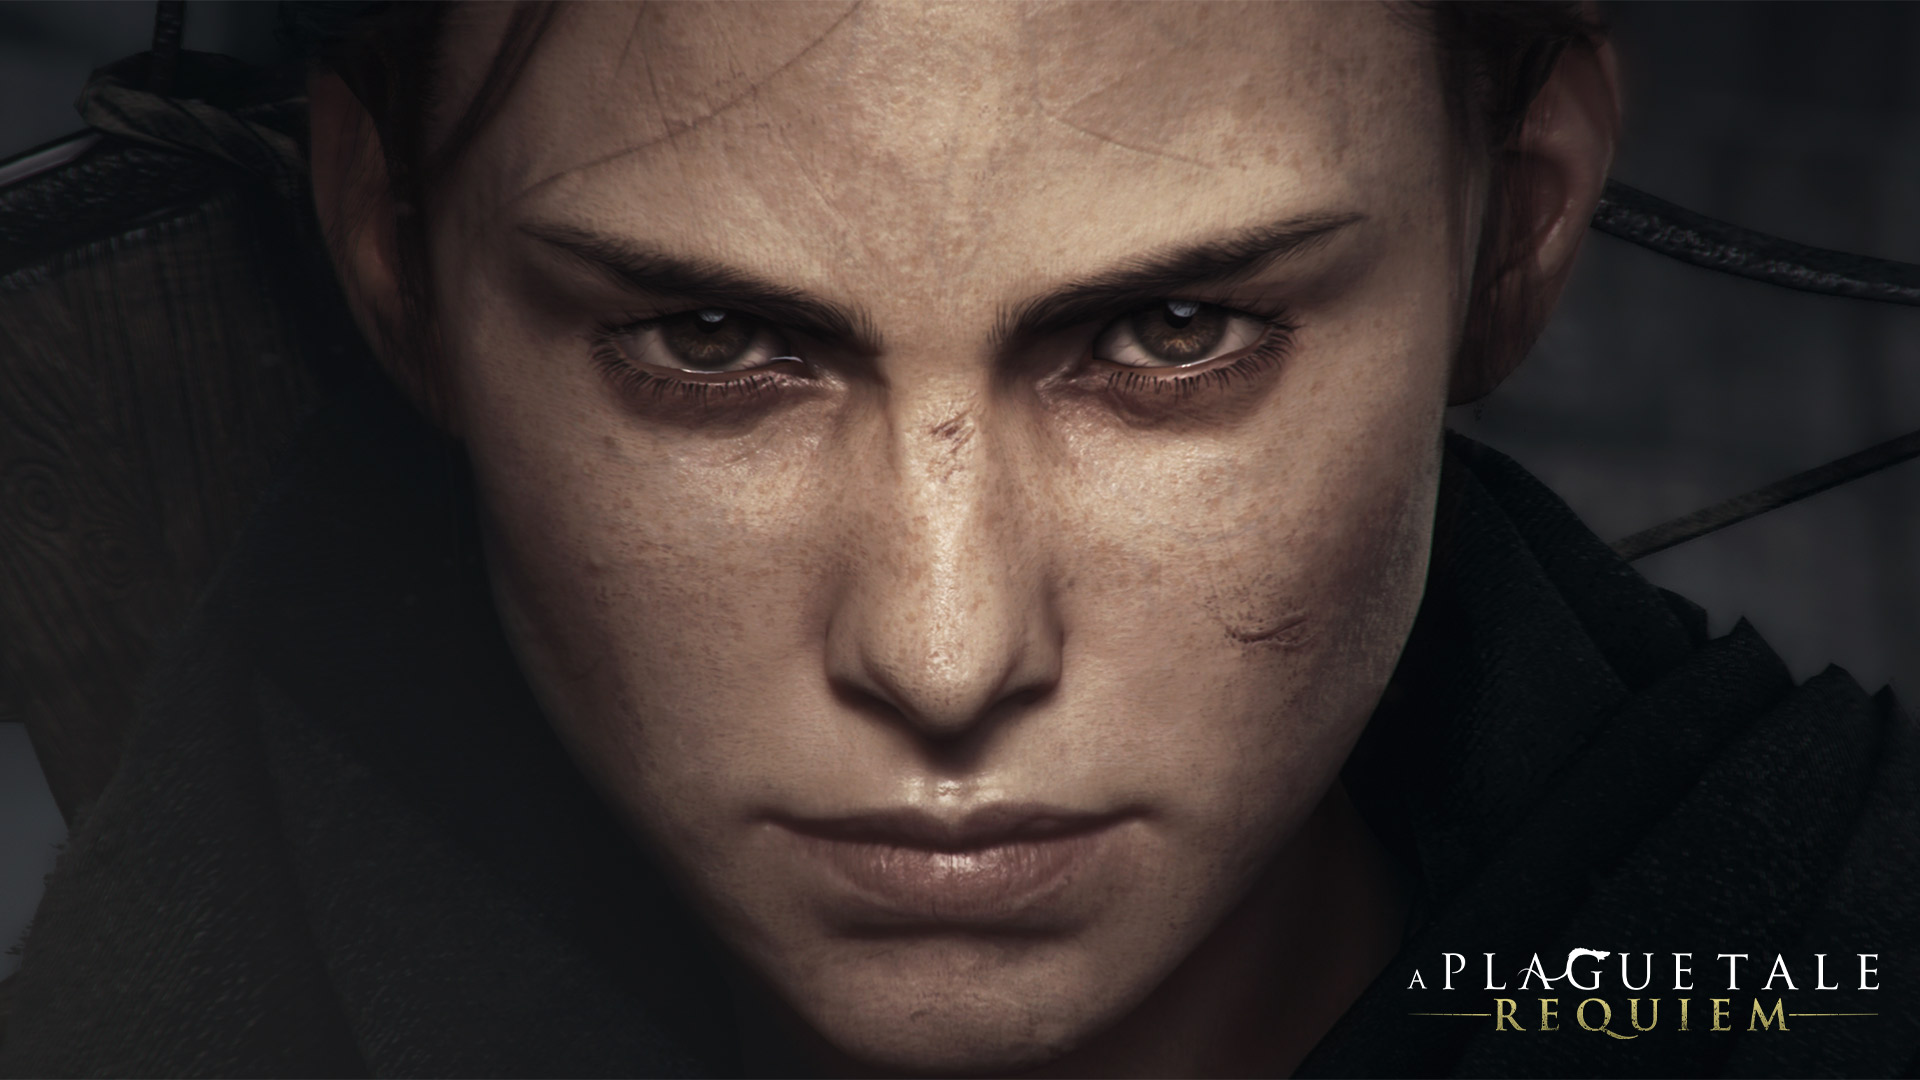 A-Plague-Tale-Requiem_2K-logo_Screenshot-02